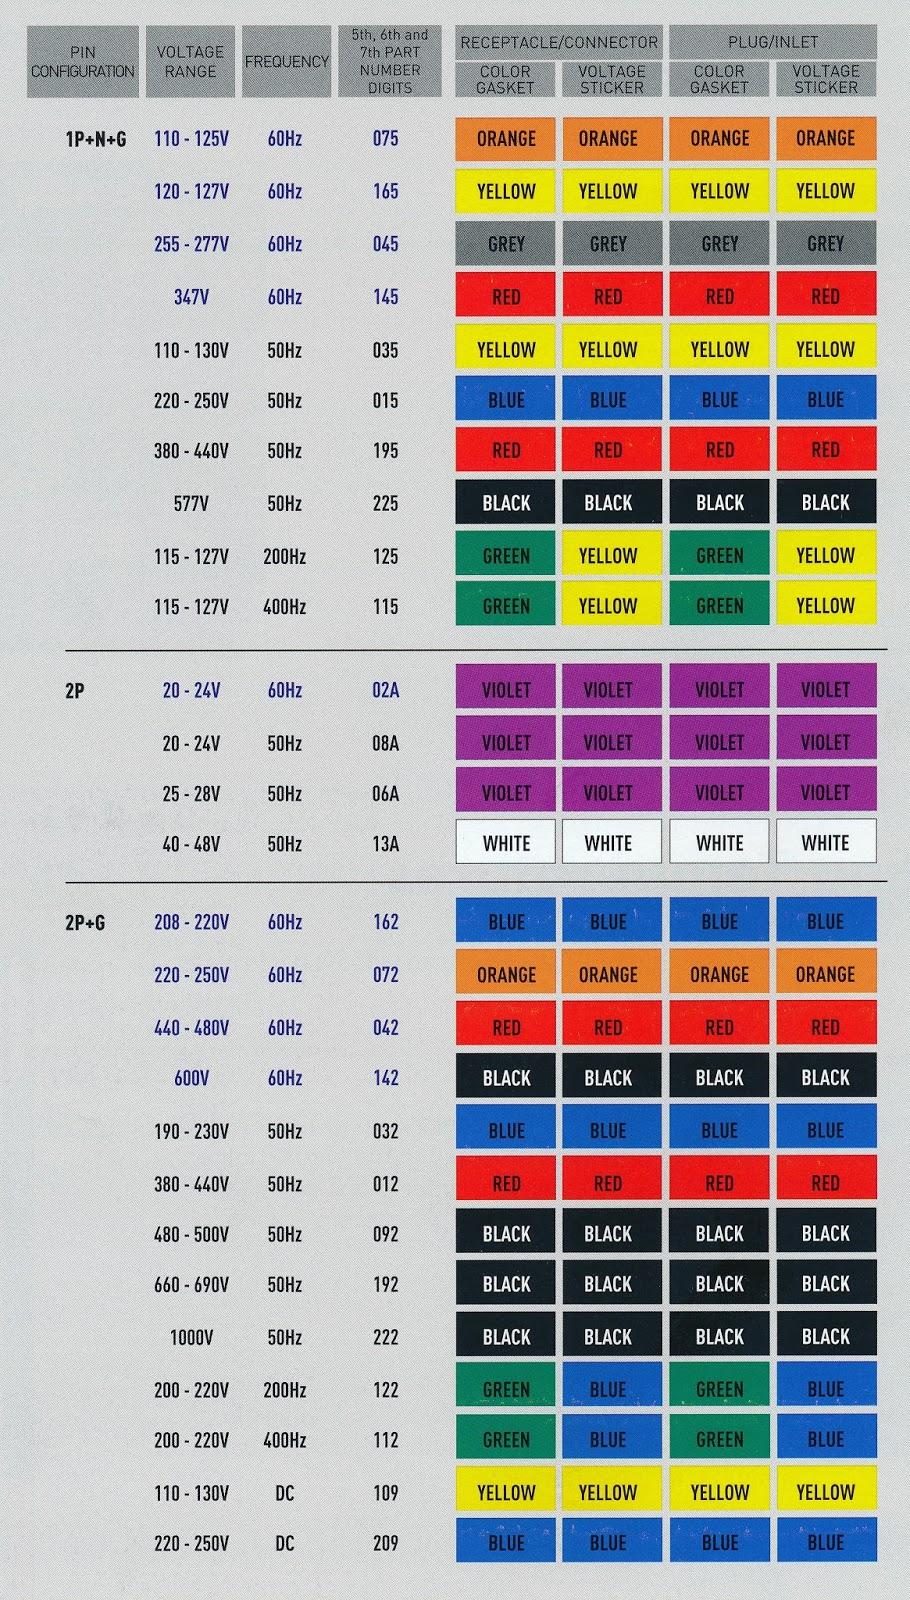 Dc voltage power supply wiring harness color diagram ac wire code chart also codes usa schema rh rias grillrestaurant